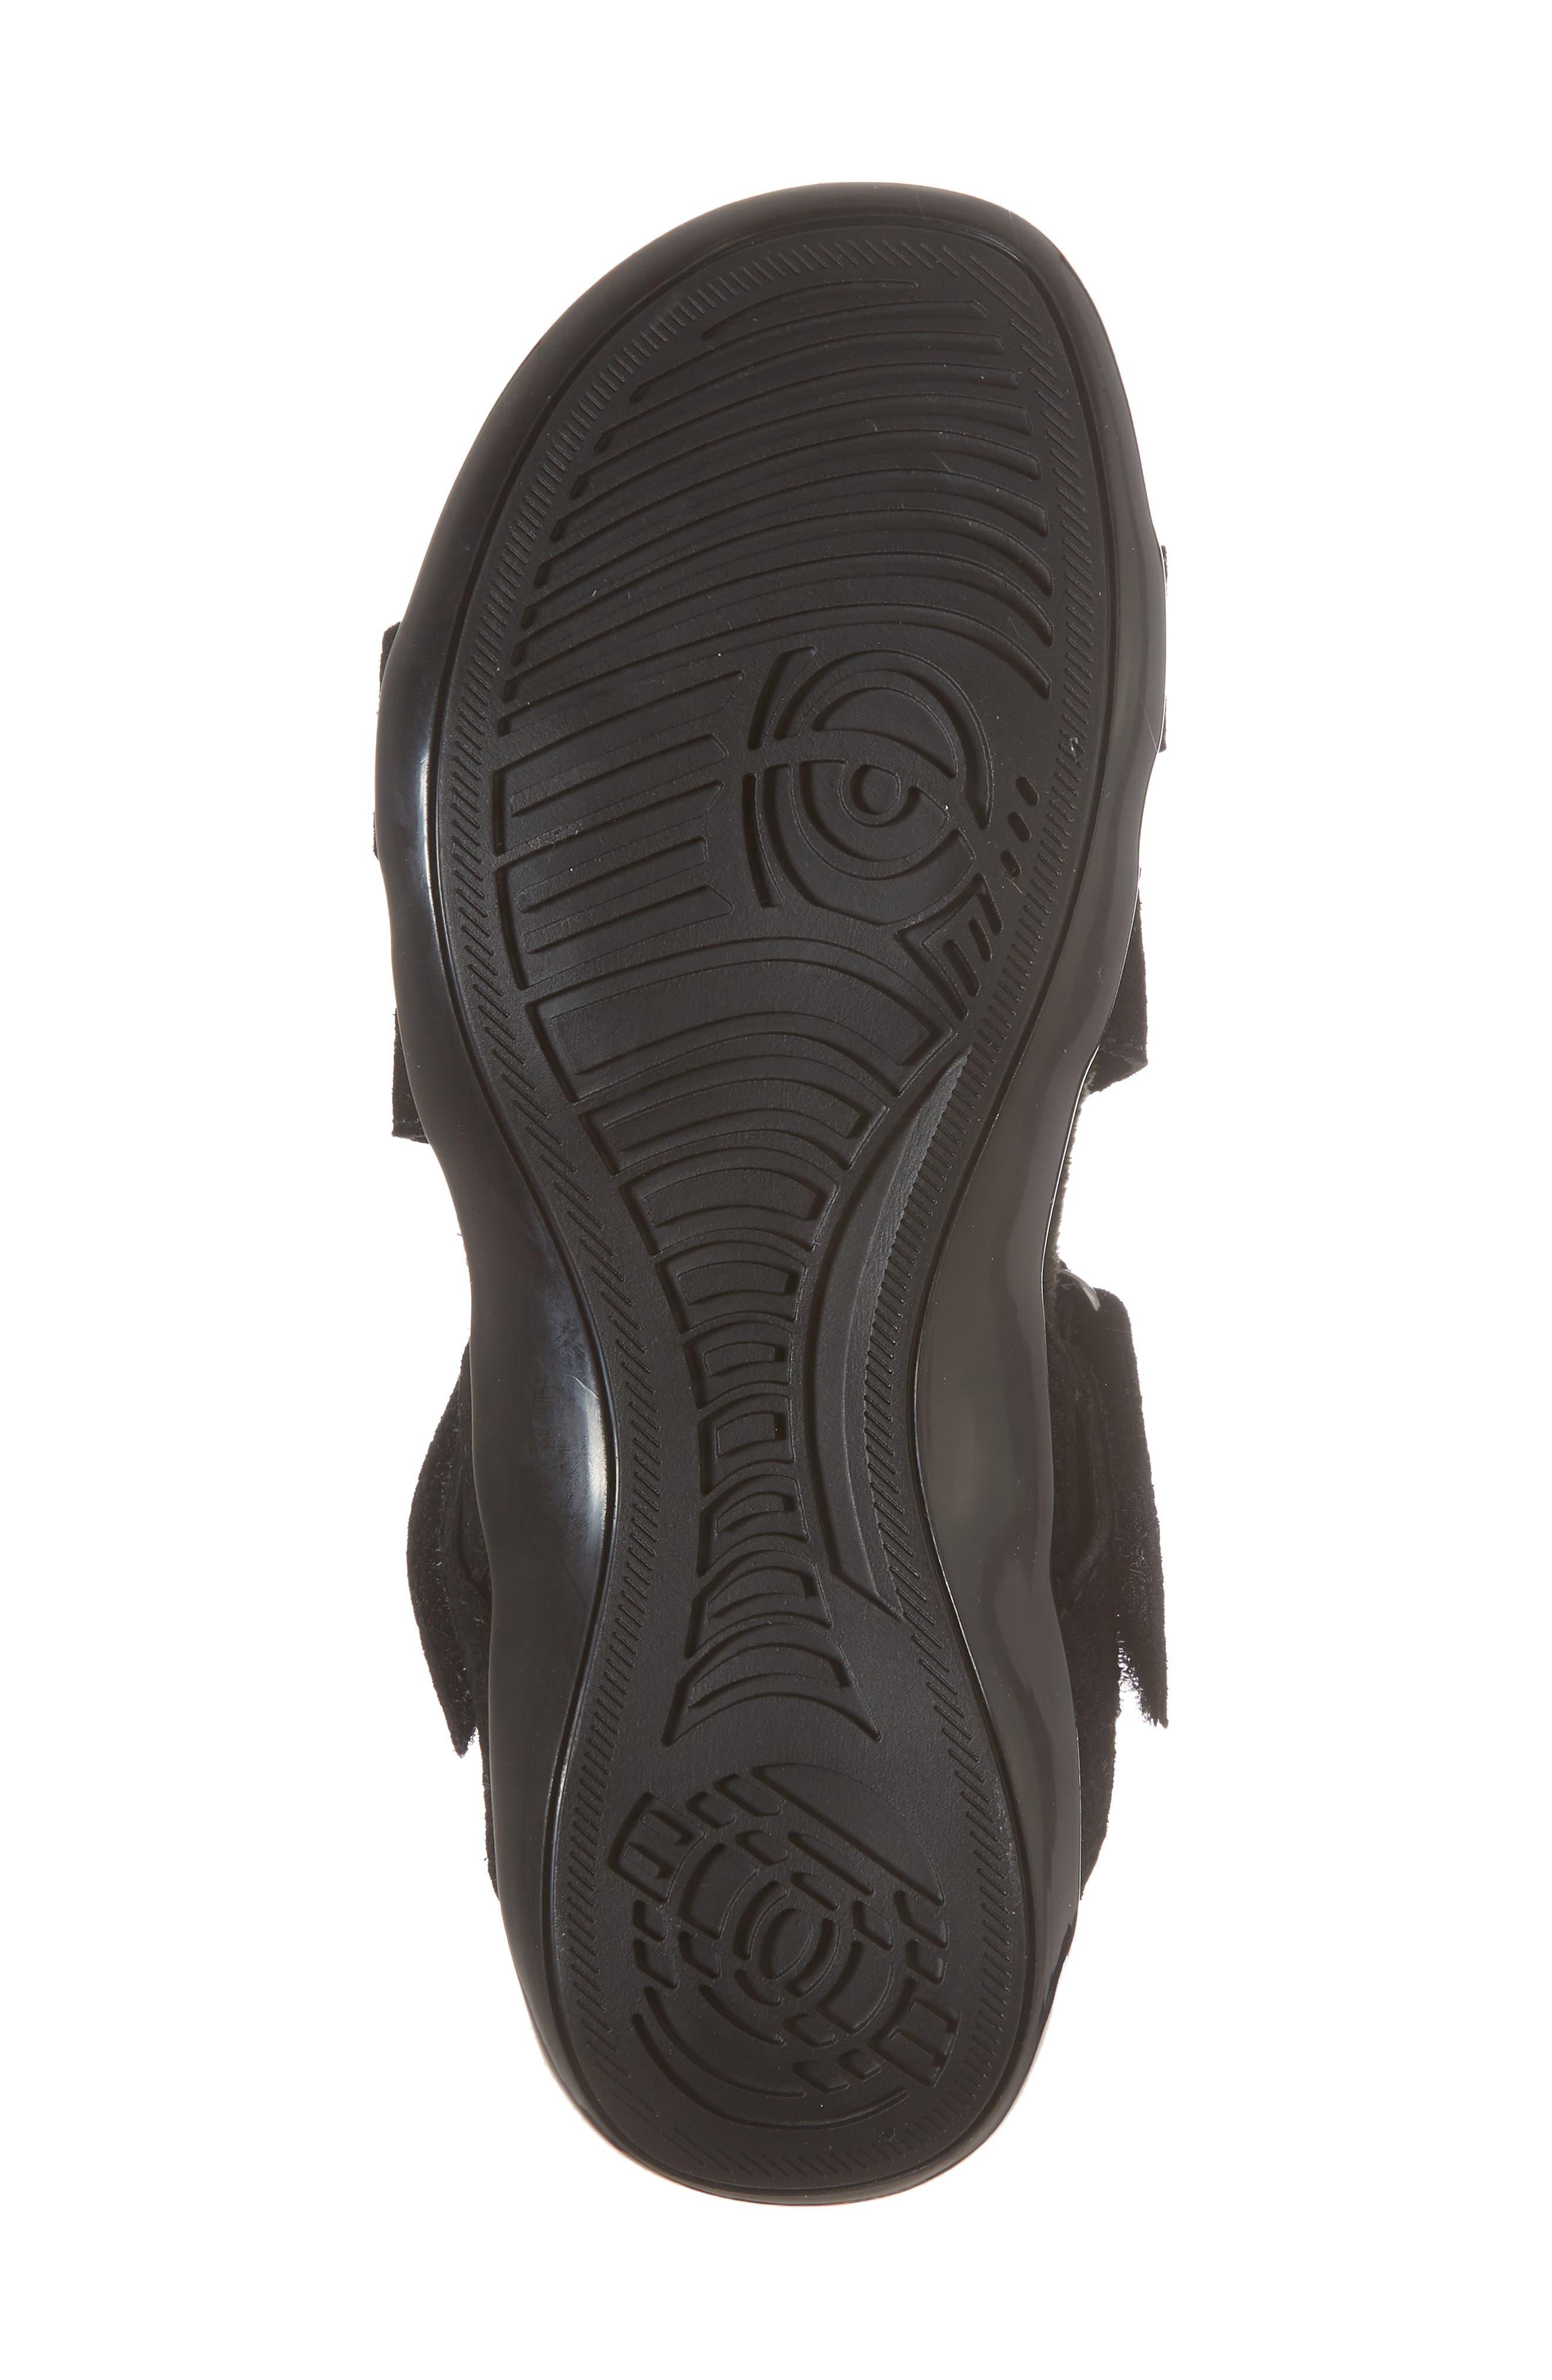 Vicki Slingback Sandal,                             Alternate thumbnail 6, color,                             Black Printed Leather